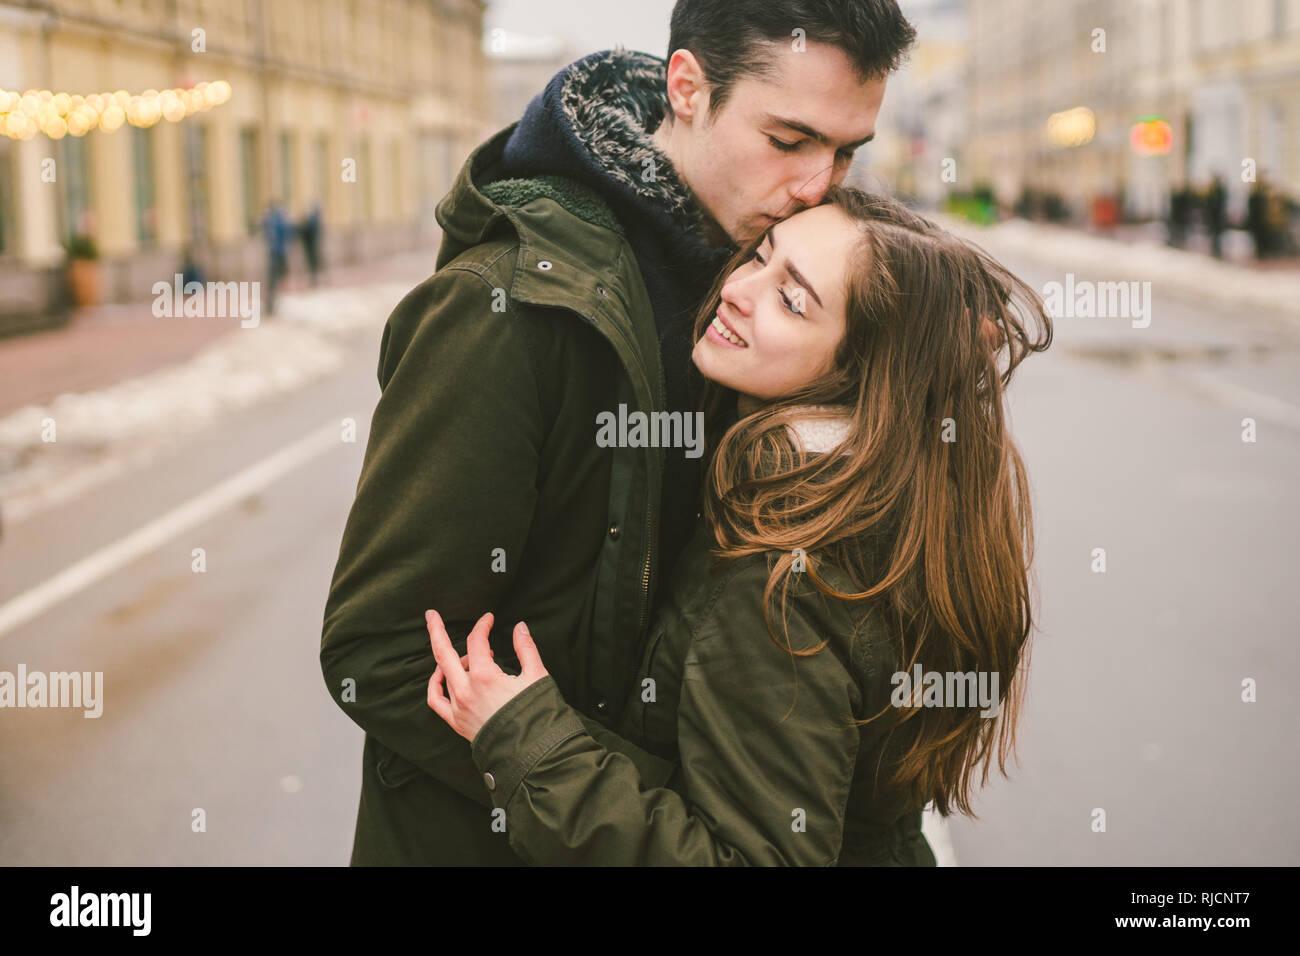 Tema el amor y el romance. Los jóvenes caucásicos pareja heterosexual en el amor estudiantes novio chica abrazos y besos en el centro de la carretera en el centro de Foto de stock